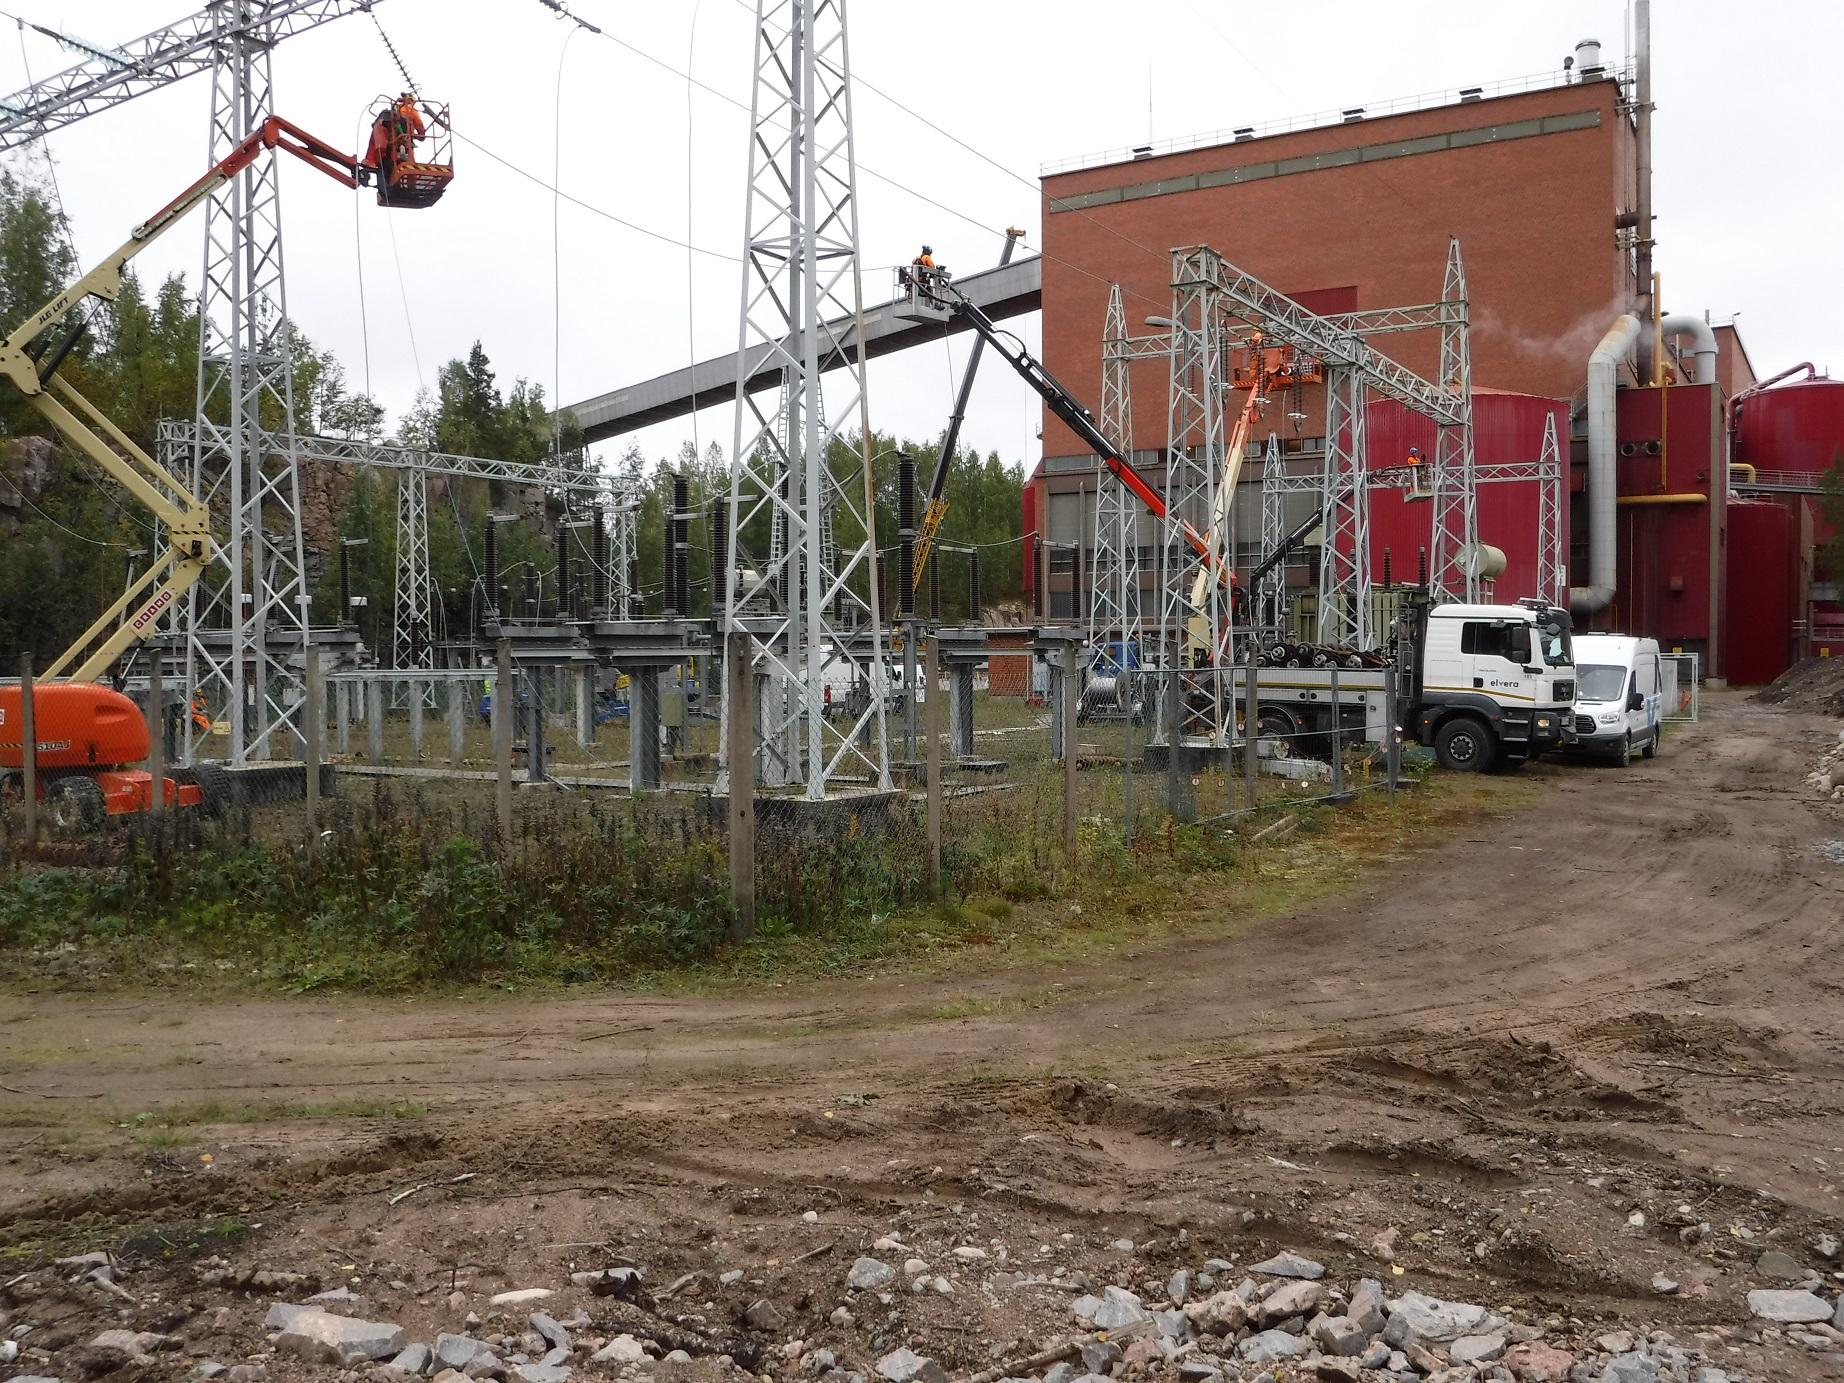 StoraEnso 110 kV kentän virtaköysien uusinta